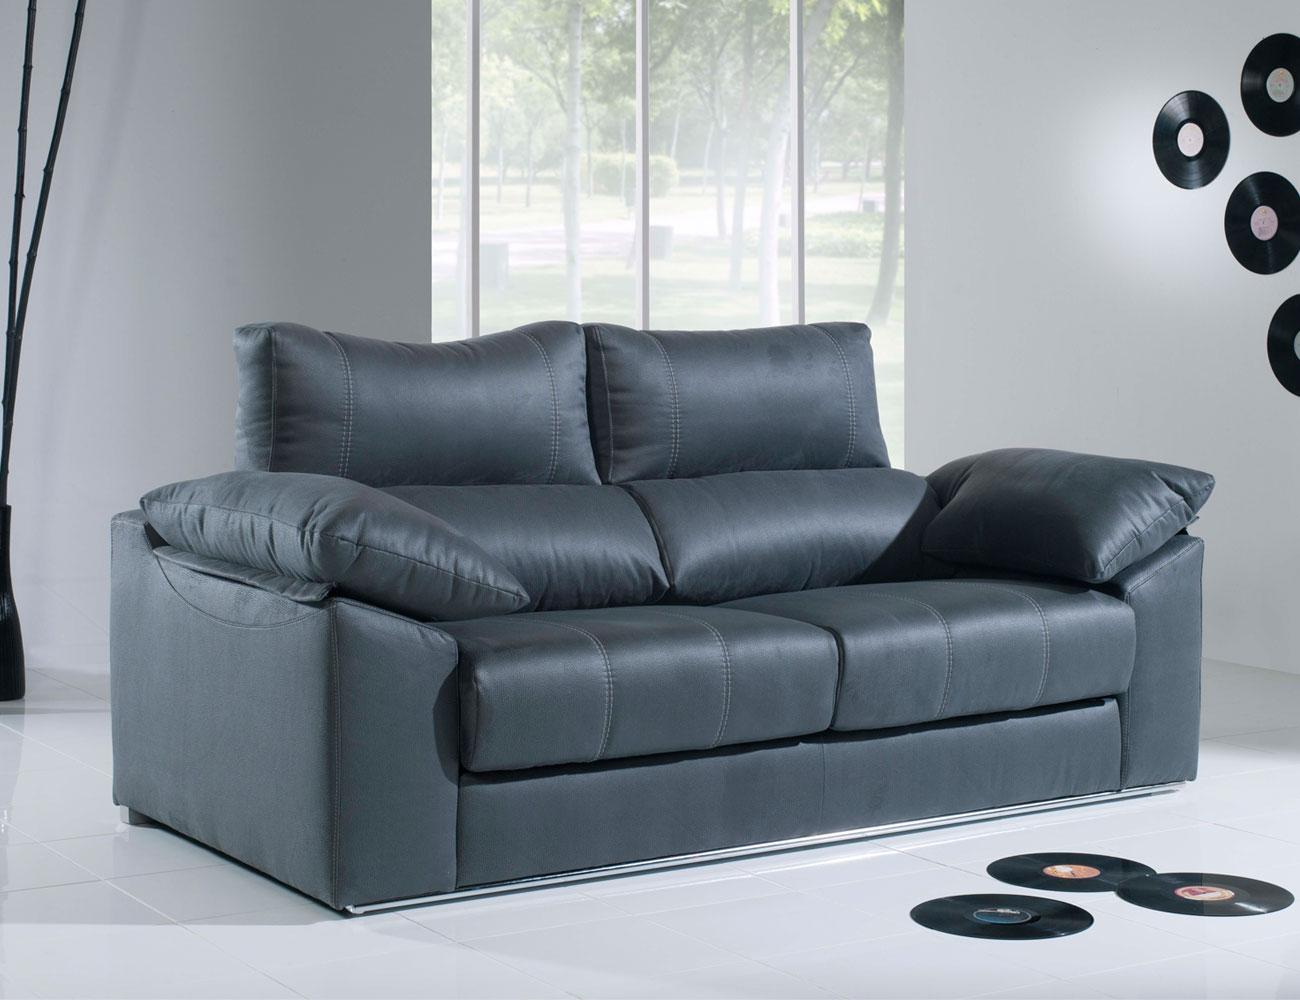 Sofa 3 plazas moderno con barra16